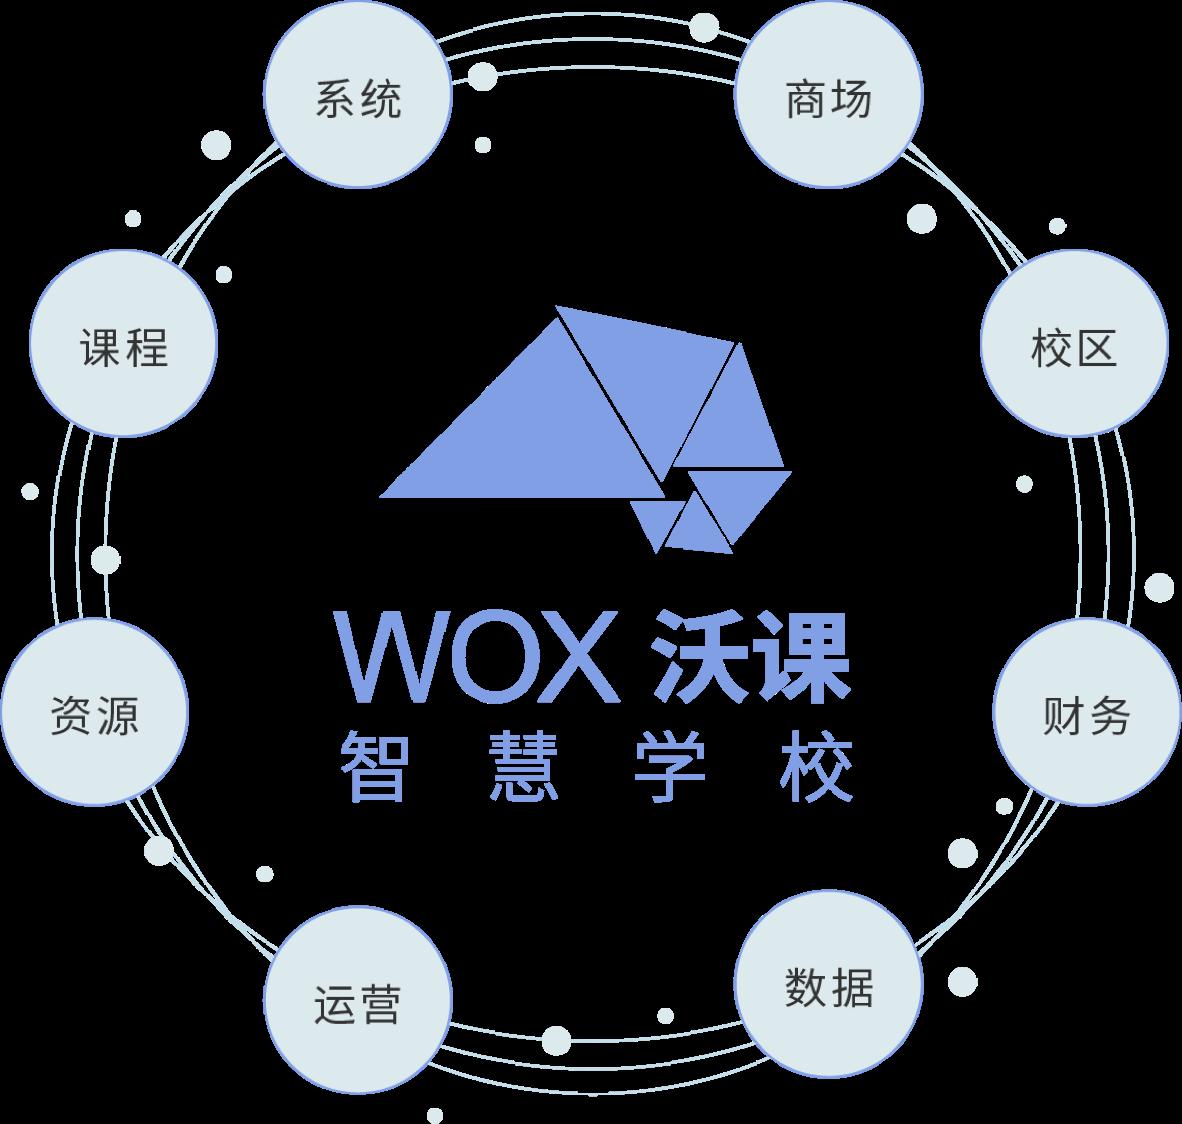 WOX沃课智慧学校